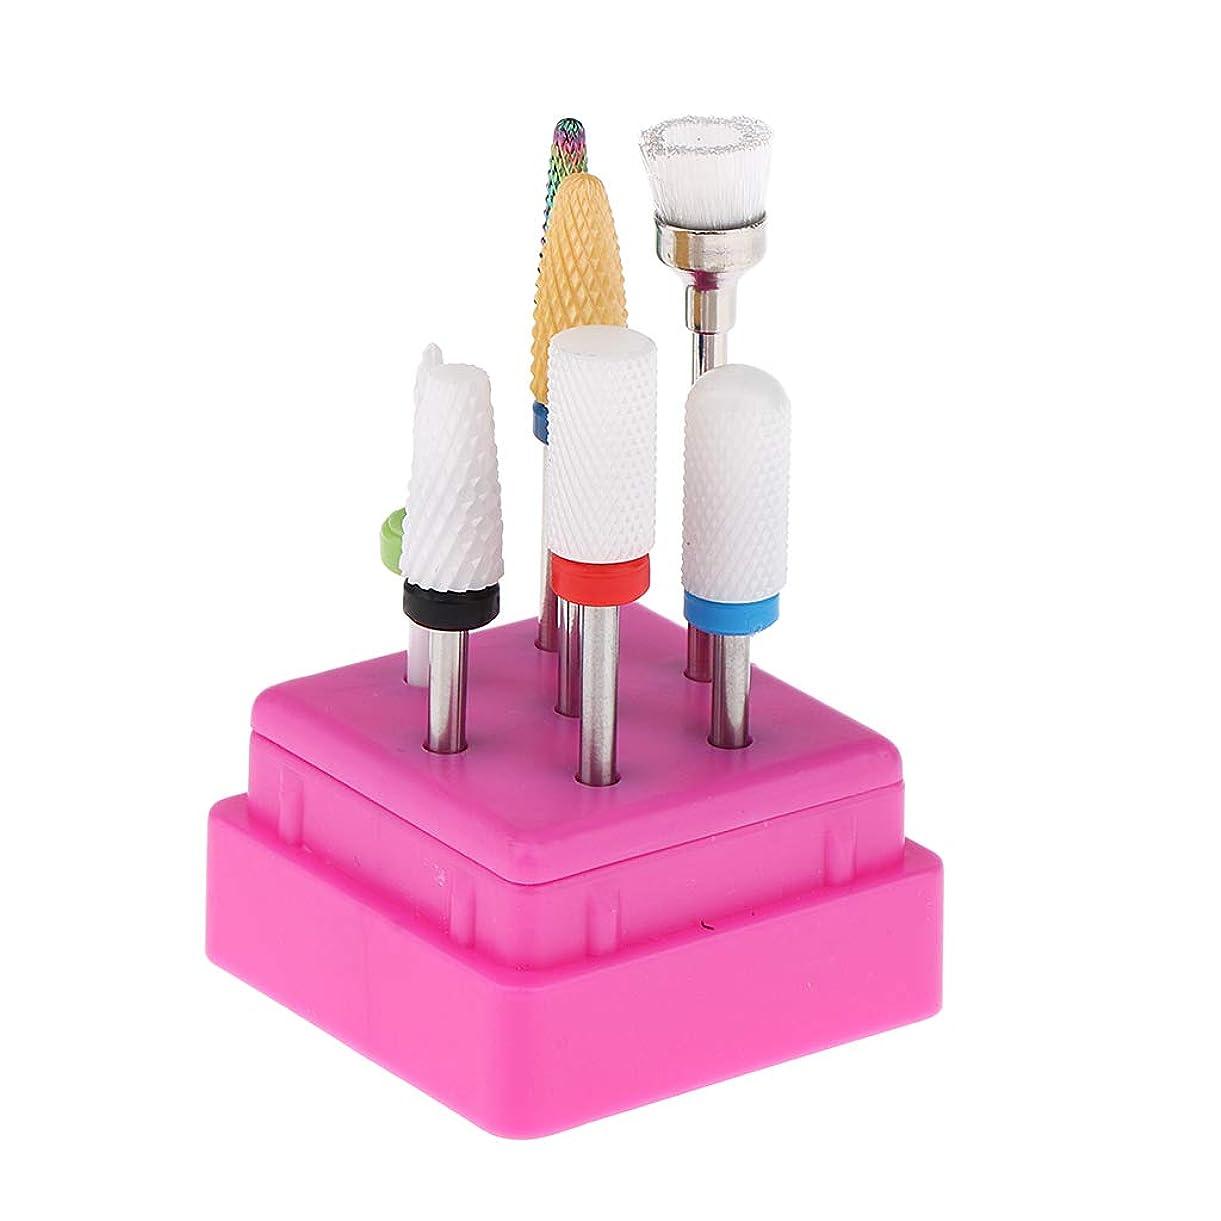 Sharplace ネイルアート マニキュア ネイルドリルビット ブラシ キューティクル除去 ネイルサロン 2色選べ - ローズレッド